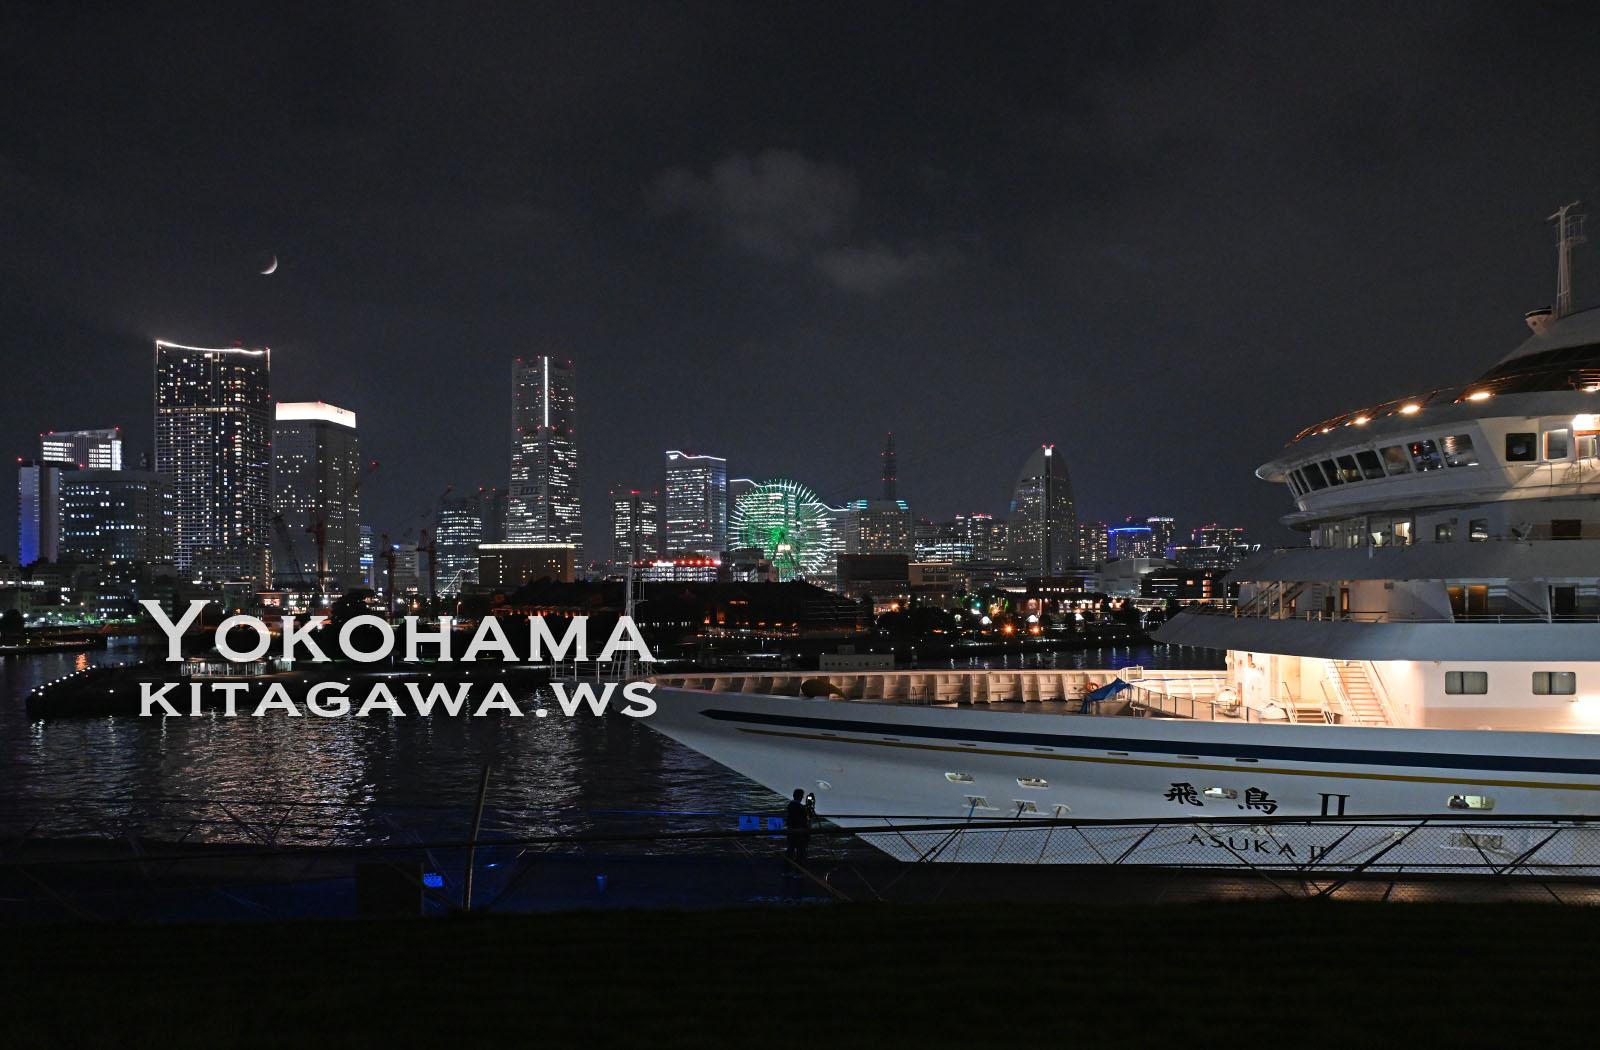 横浜 みなとみらい 夜景